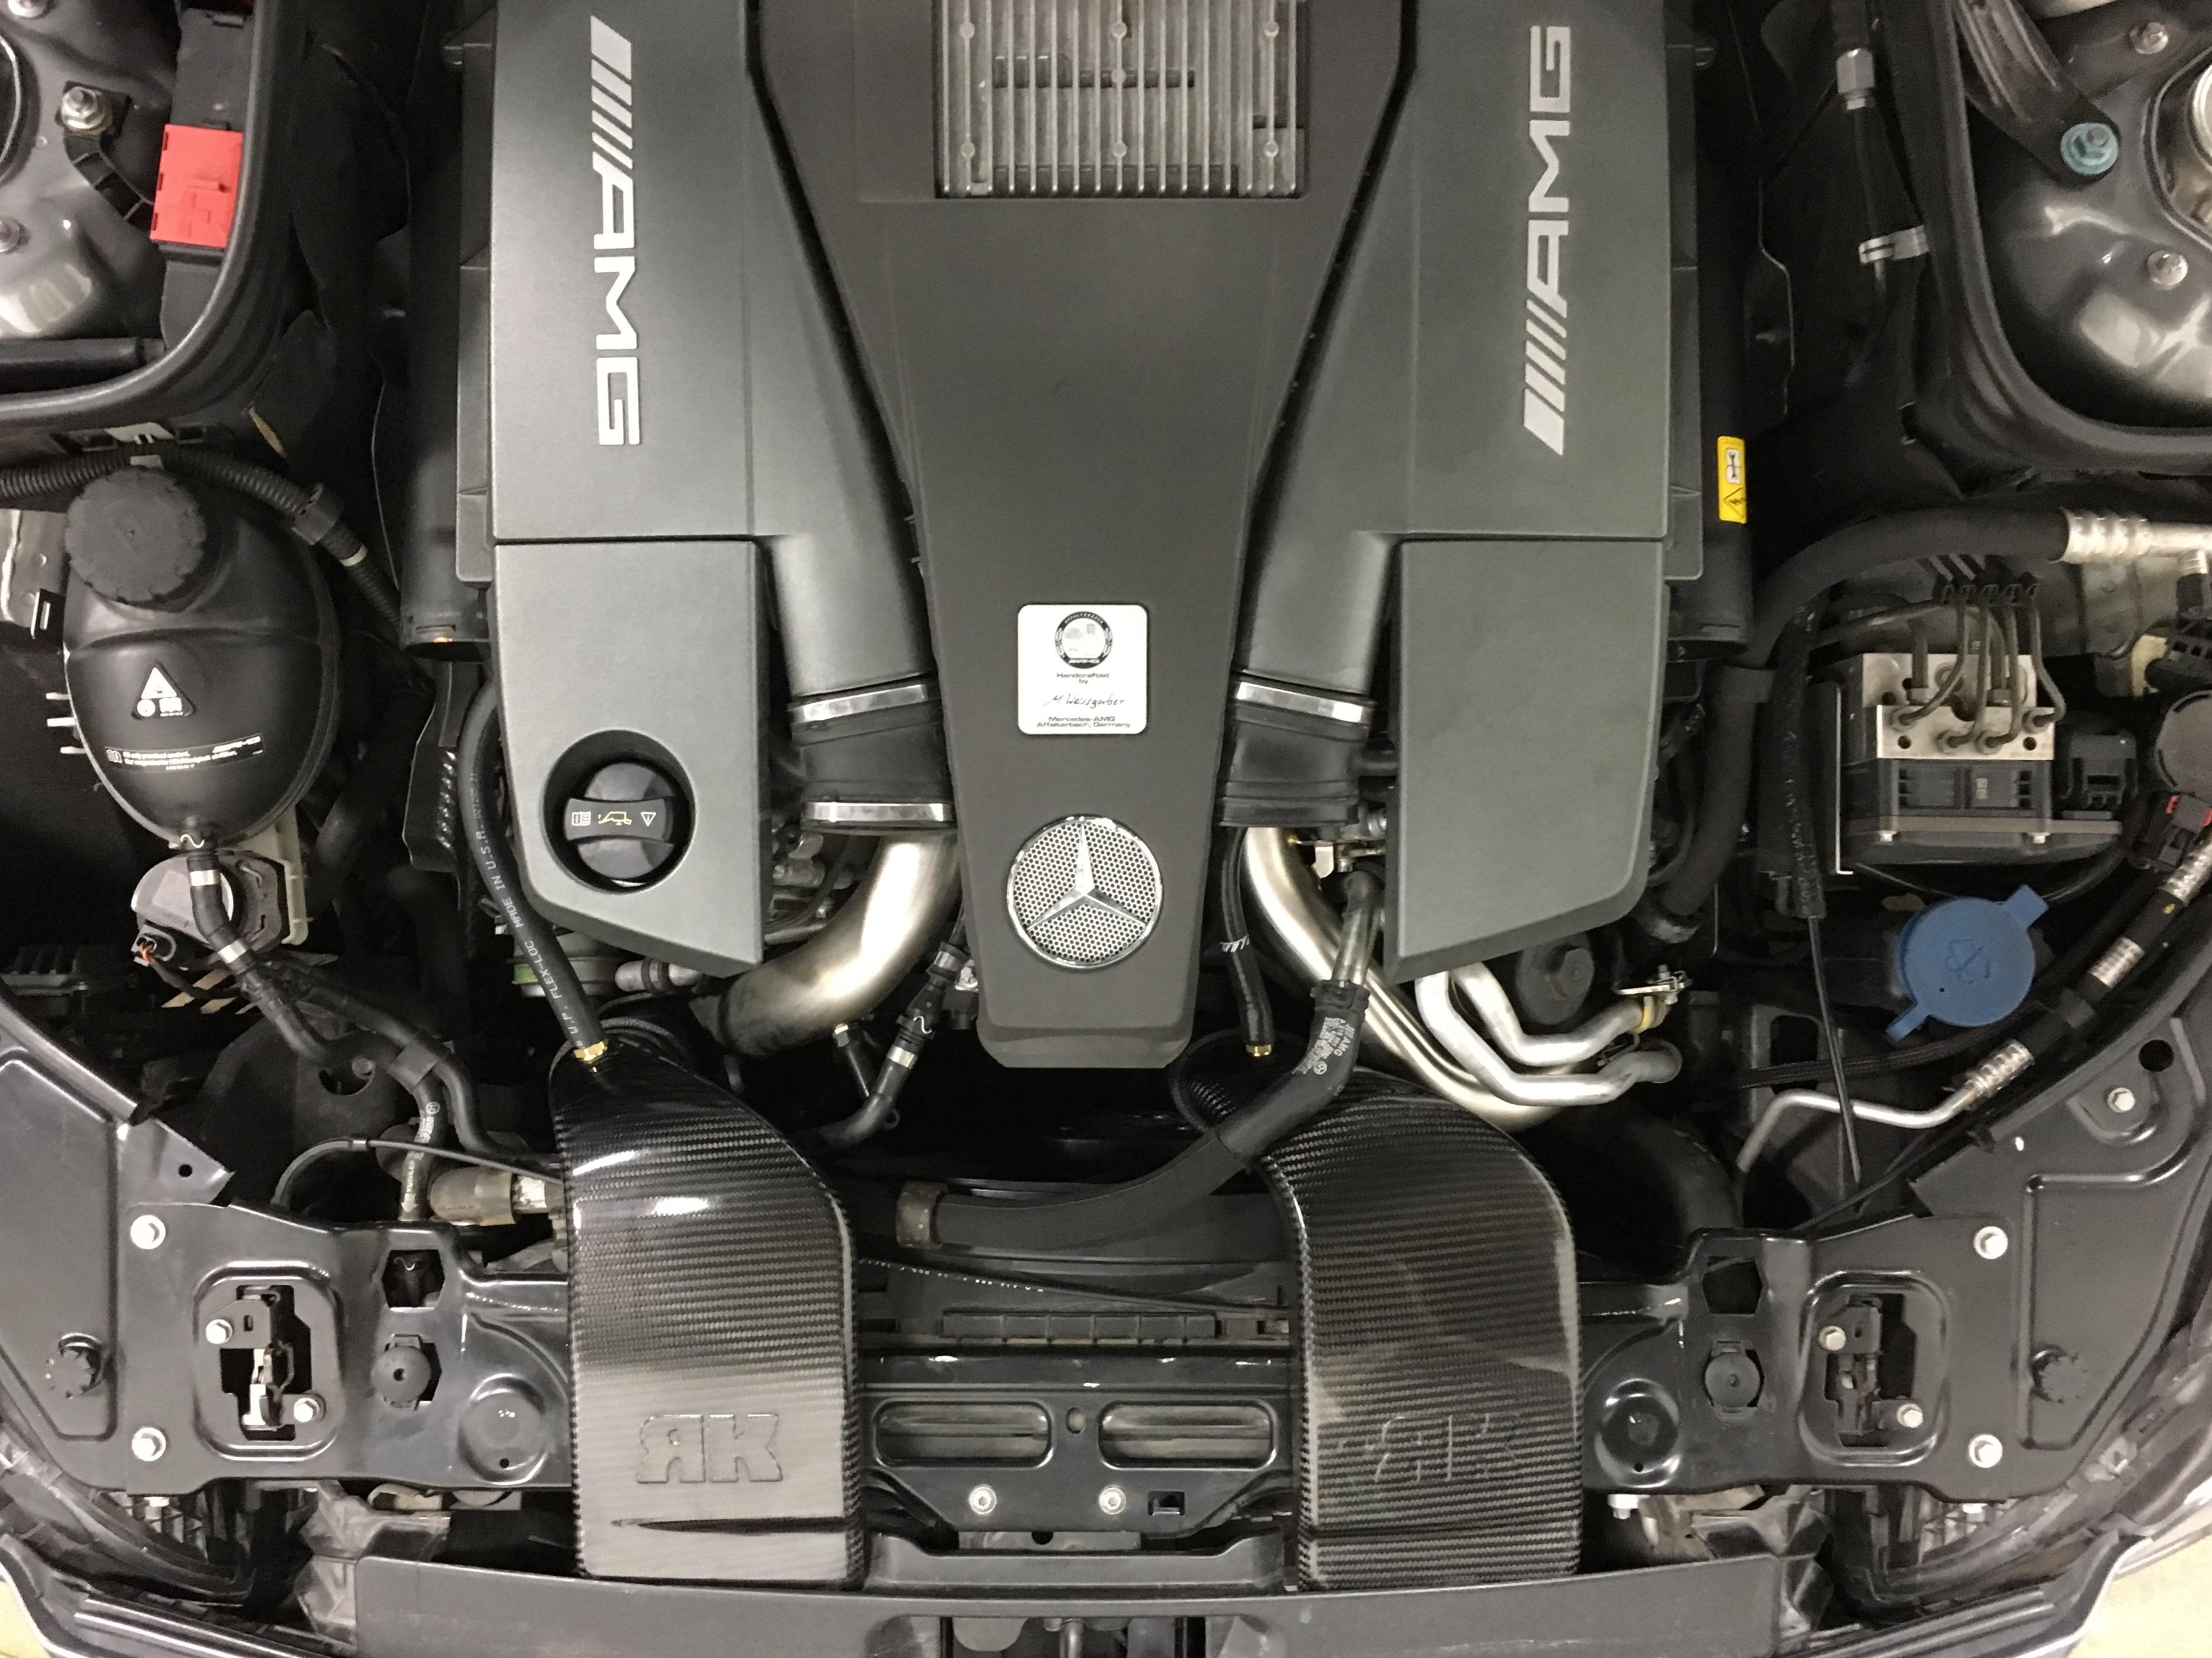 Cls63 Amg 5 5l Biturbo Intakes Rkautowerks